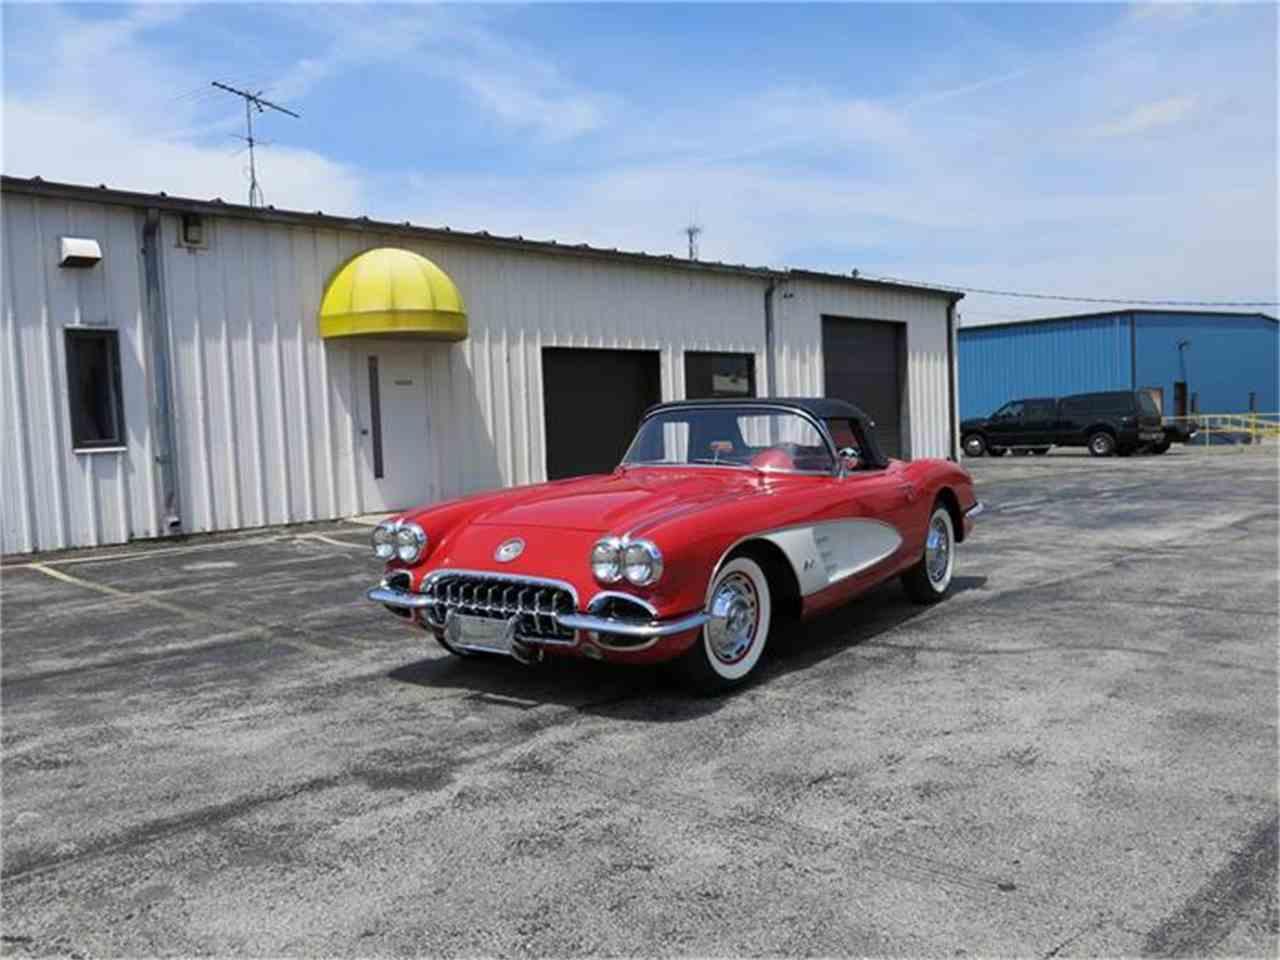 1957 chevrolet corvette for sale on classiccars com 31 - 1960 Chevrolet Corvette 879519